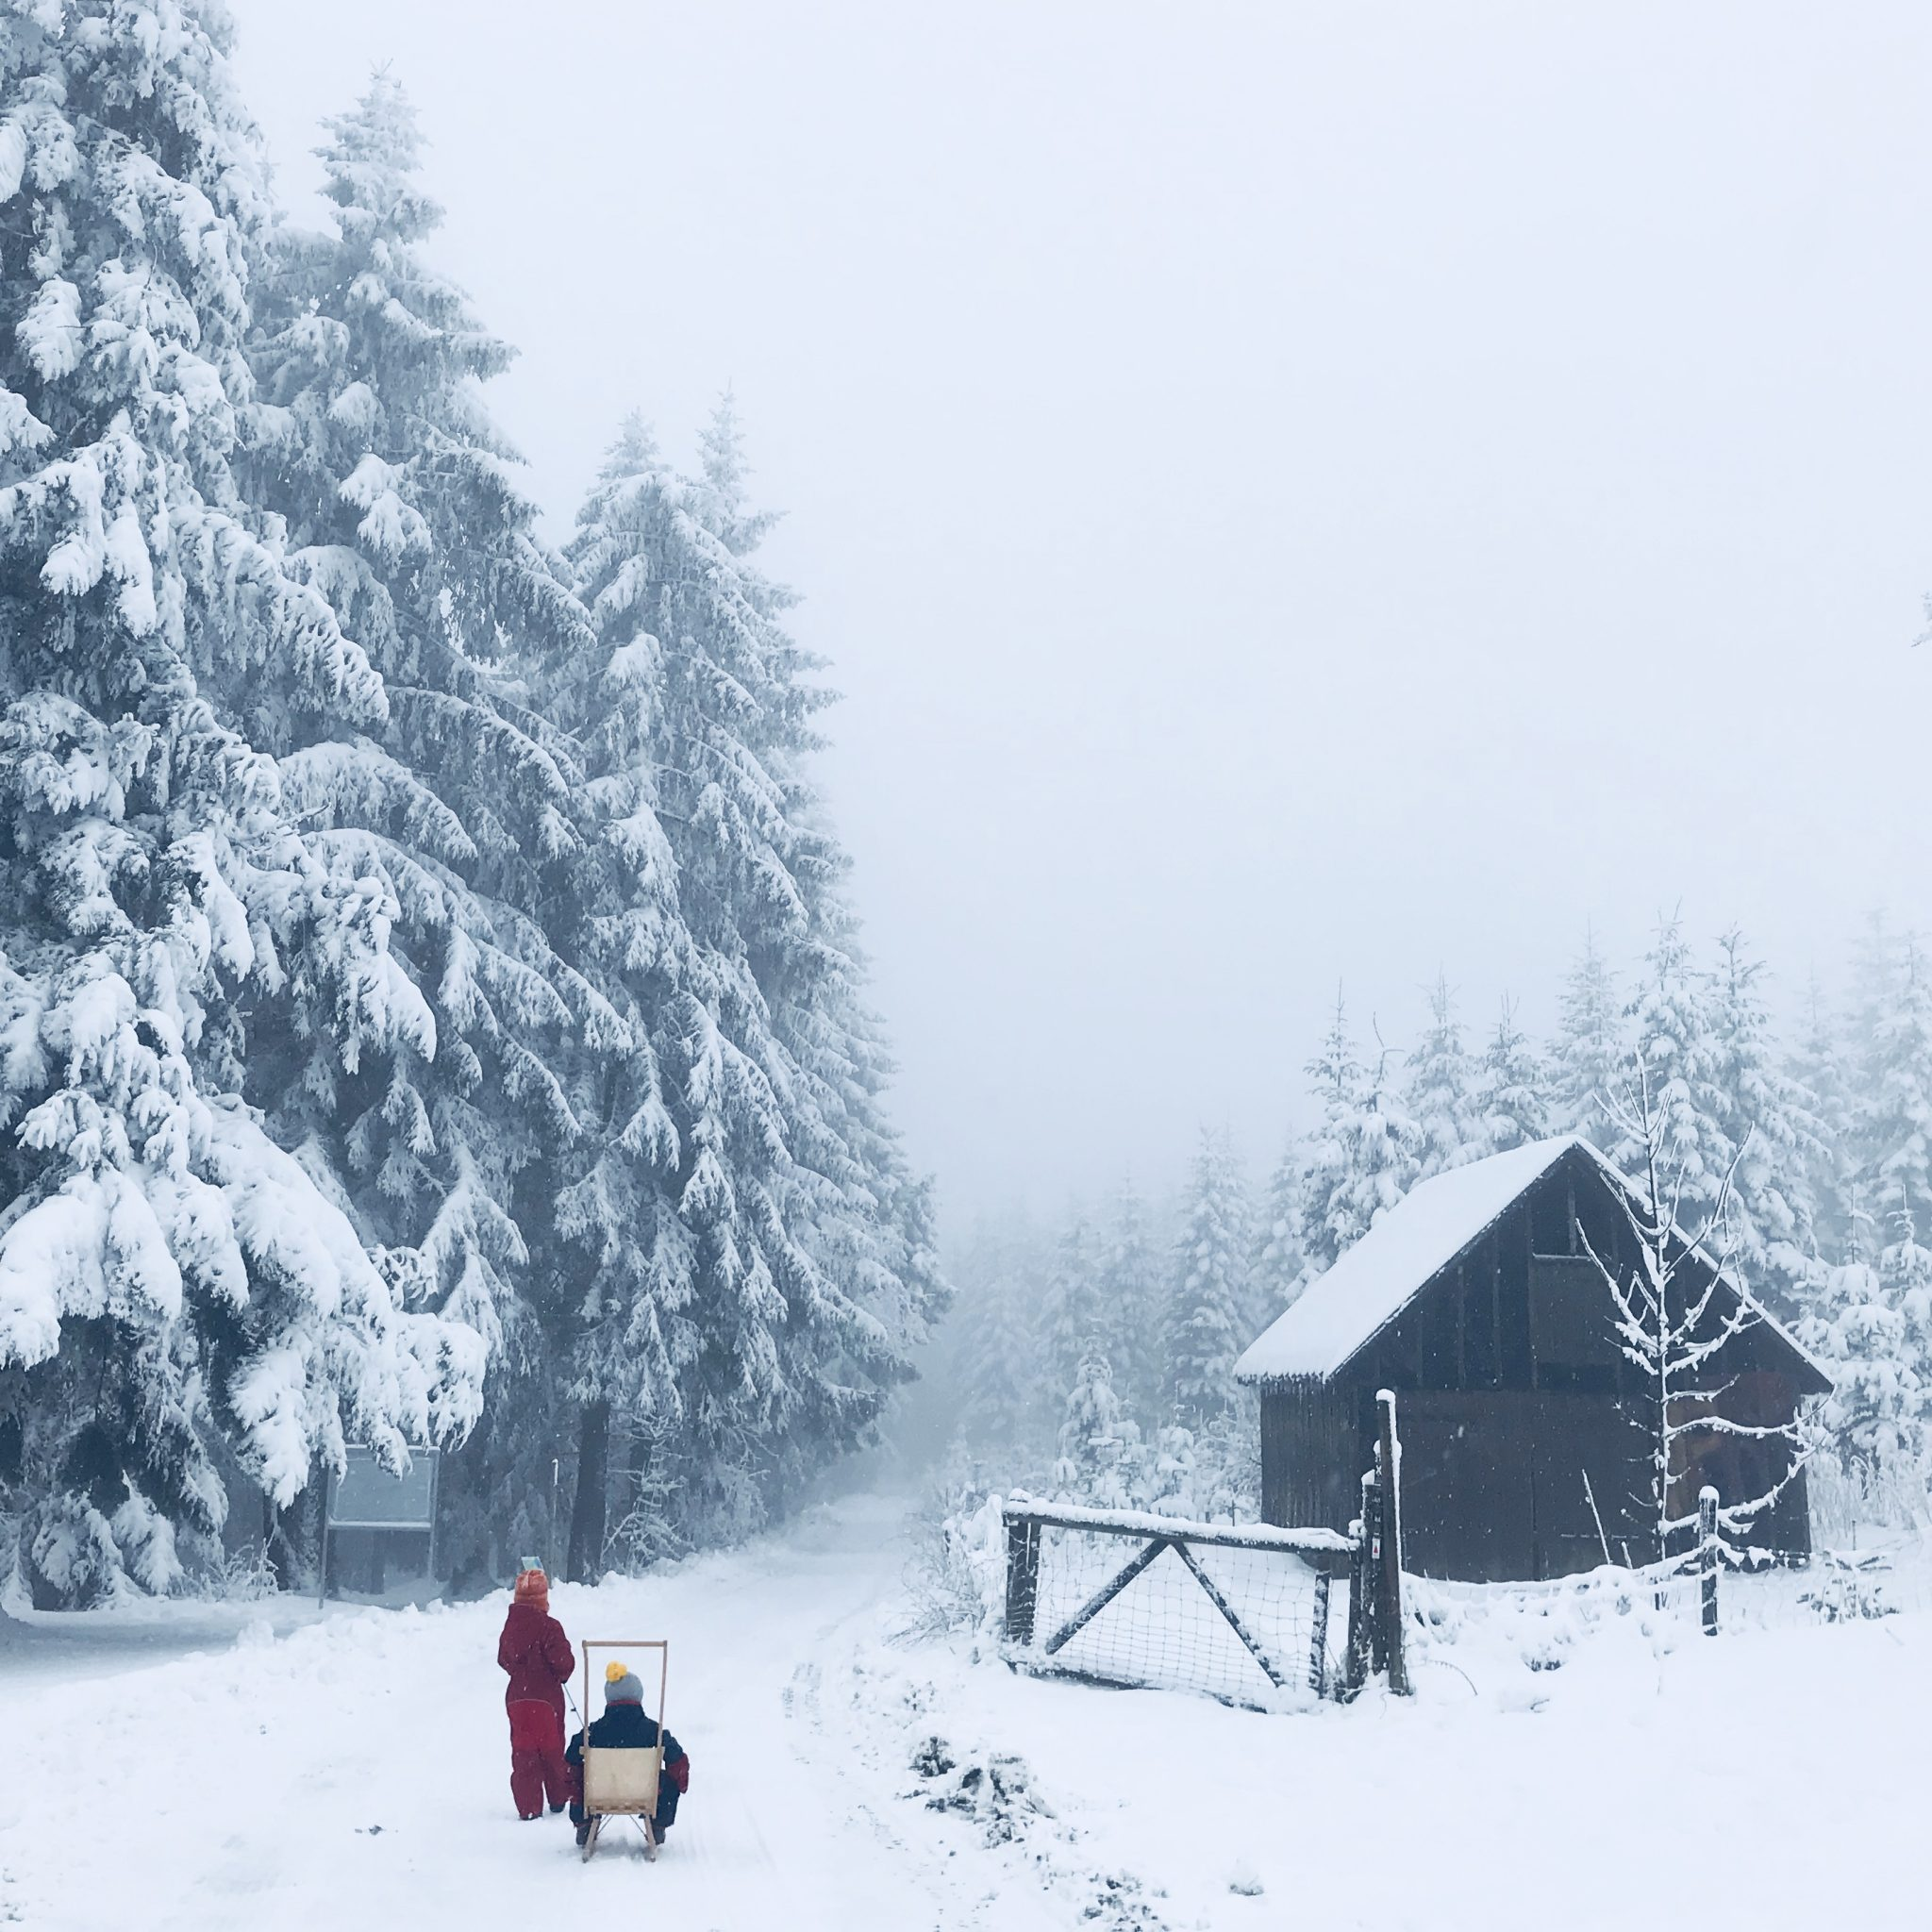 winterurlaub kurztrip kinder schnee winterferien sauerland schnee familienurlaub1 sarahplusdrei. Black Bedroom Furniture Sets. Home Design Ideas